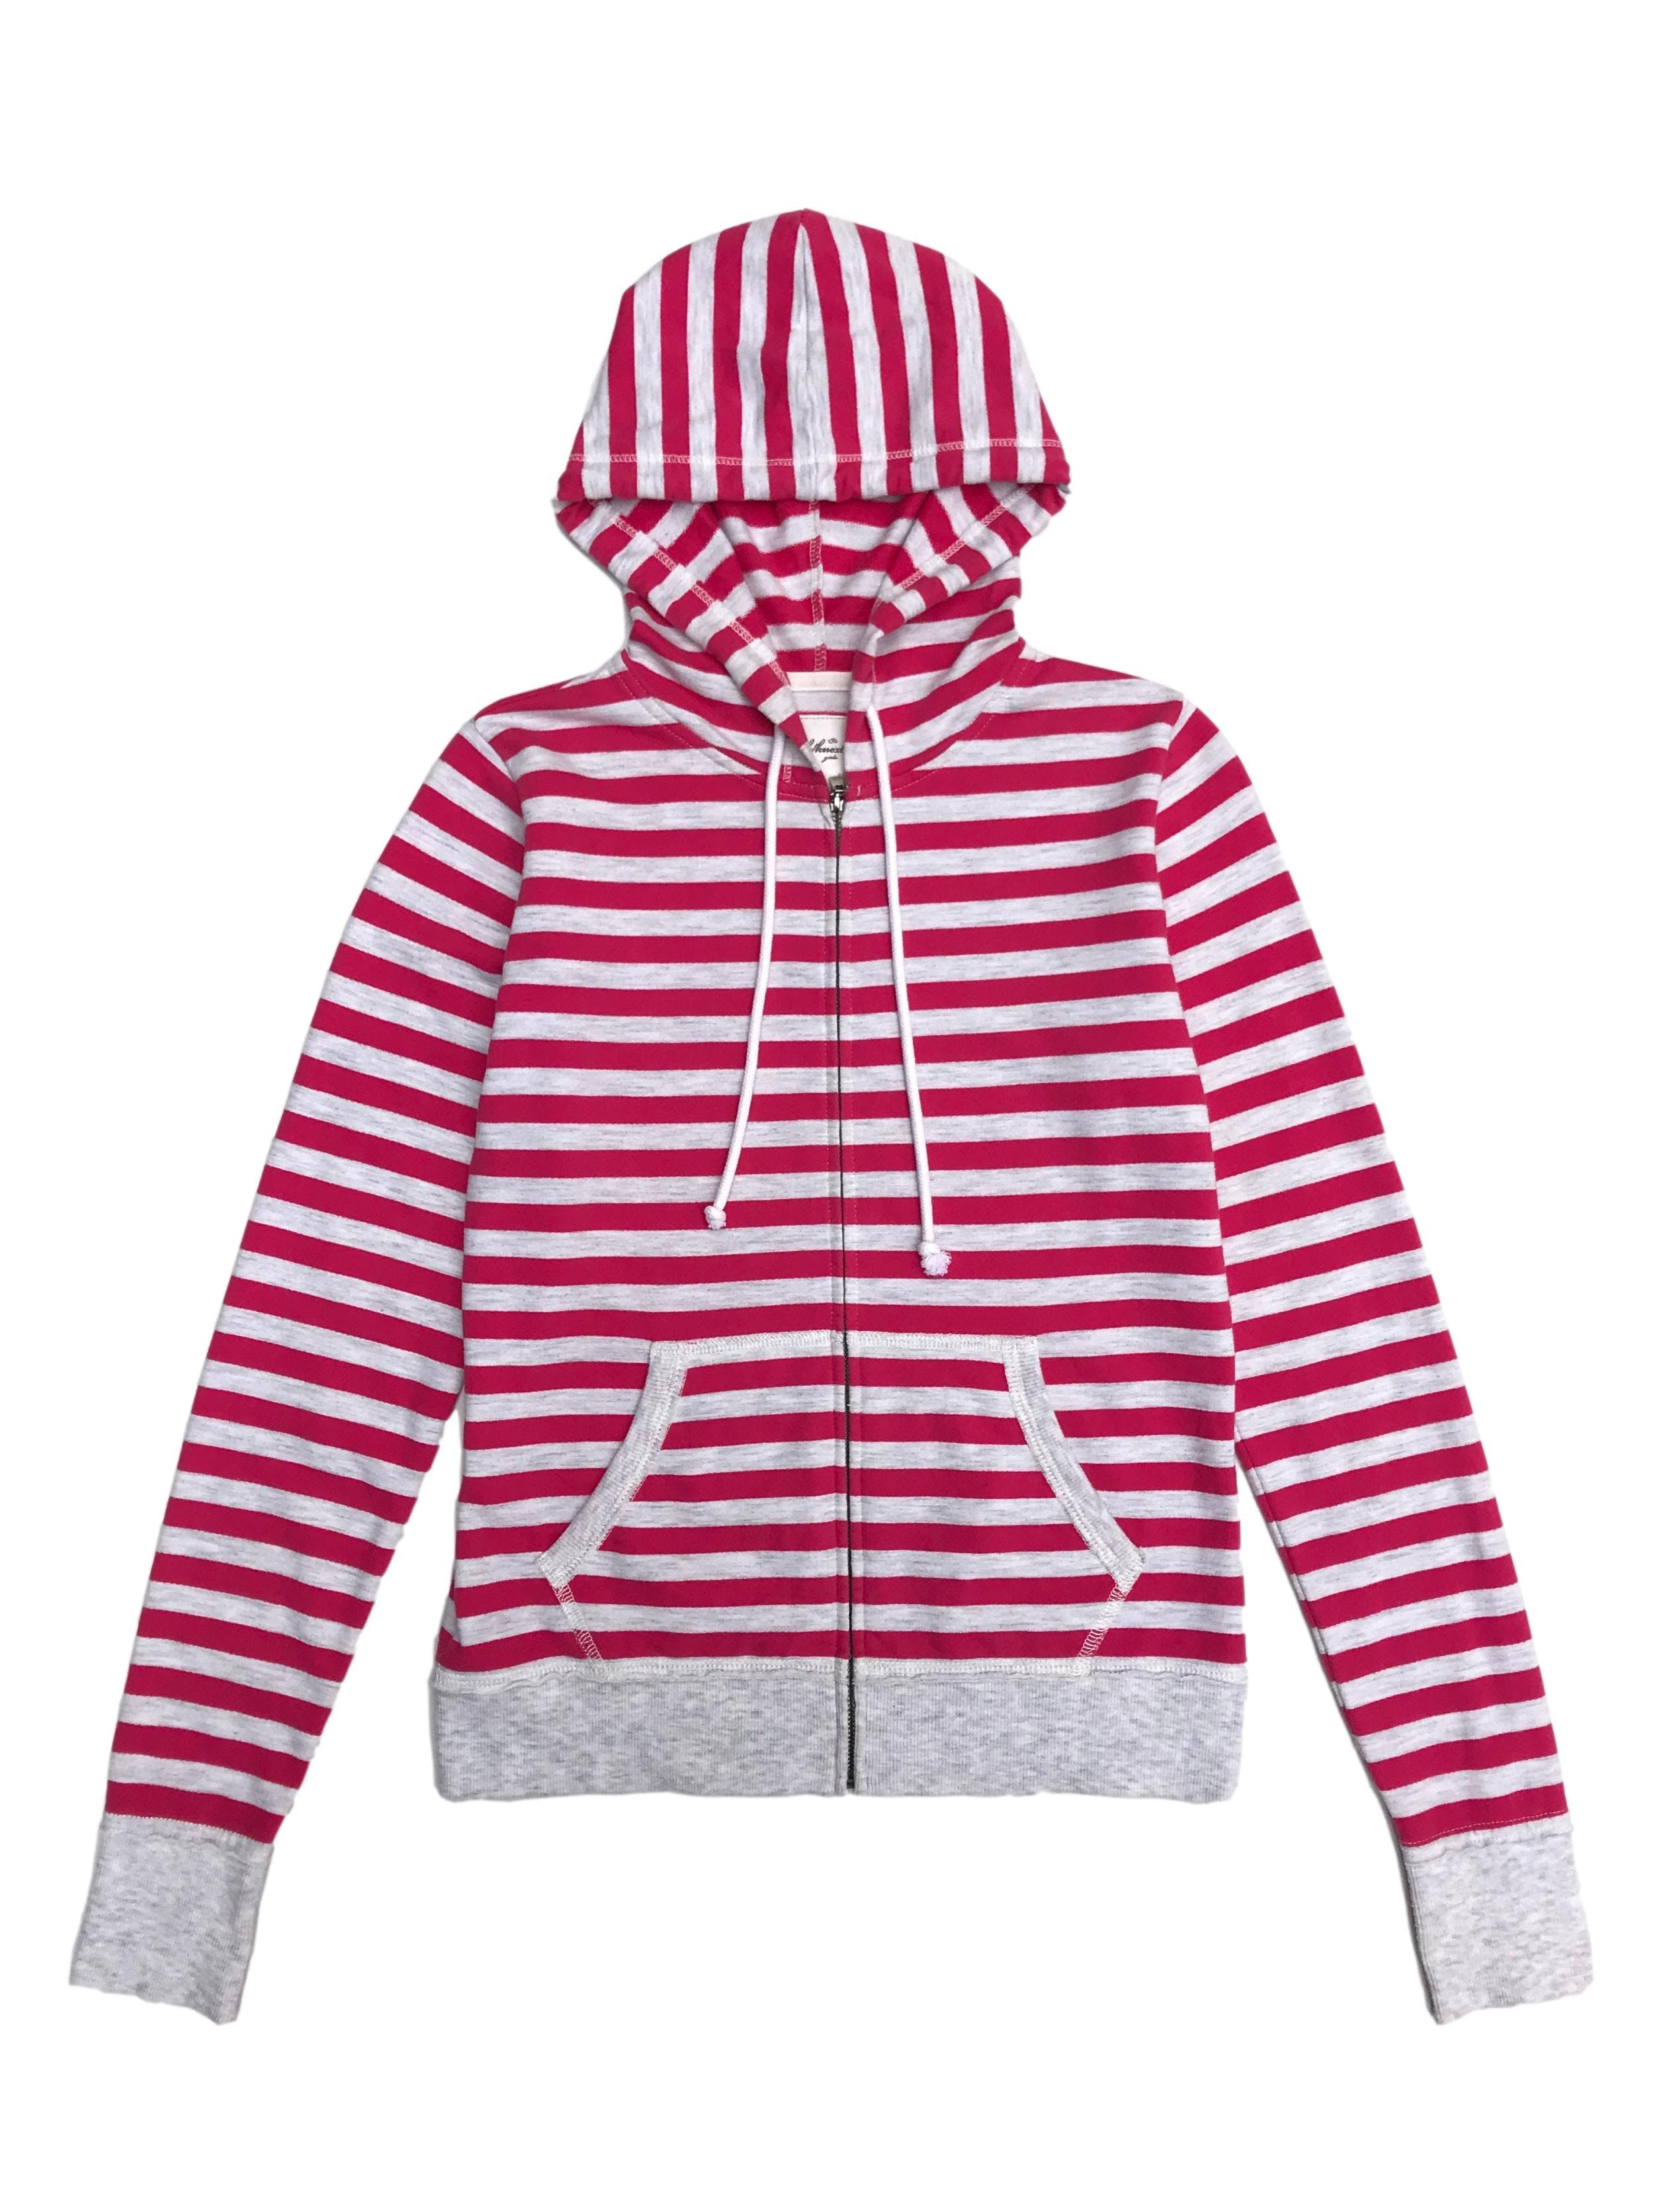 Casaca de algodón a rayas plomas y rosadas, con cierre y capucha